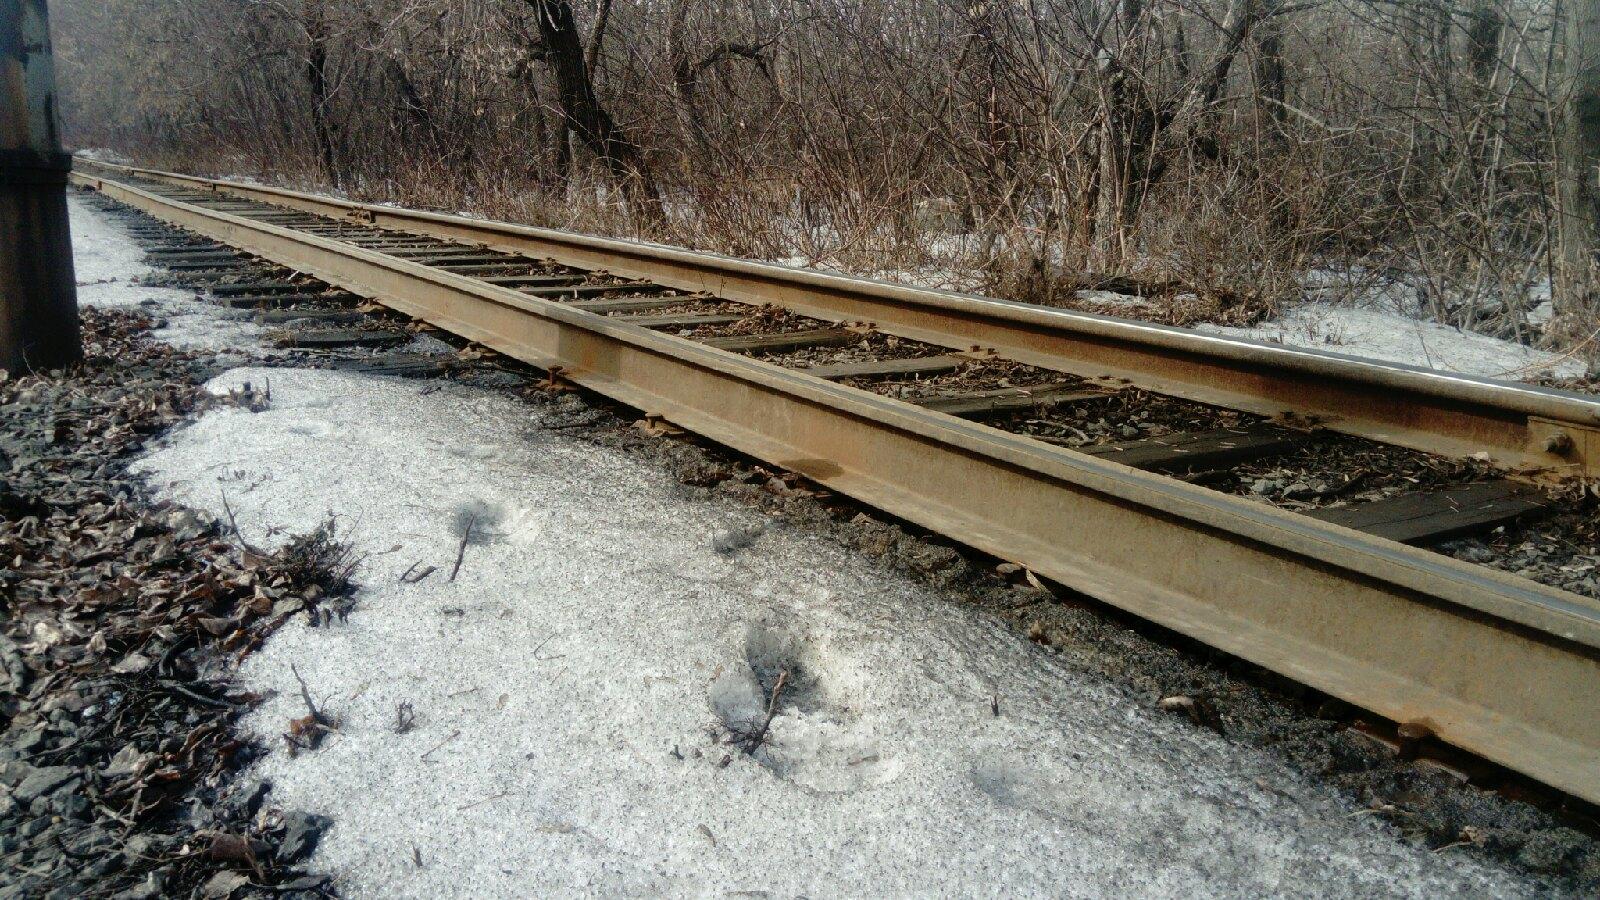 Сейчас на перегоне от остановки «Орленок» в сторону завода управления «Мечел» рельсы лежат не закрепленные, из-за этого, по словам водителя, может произойти сход вагона